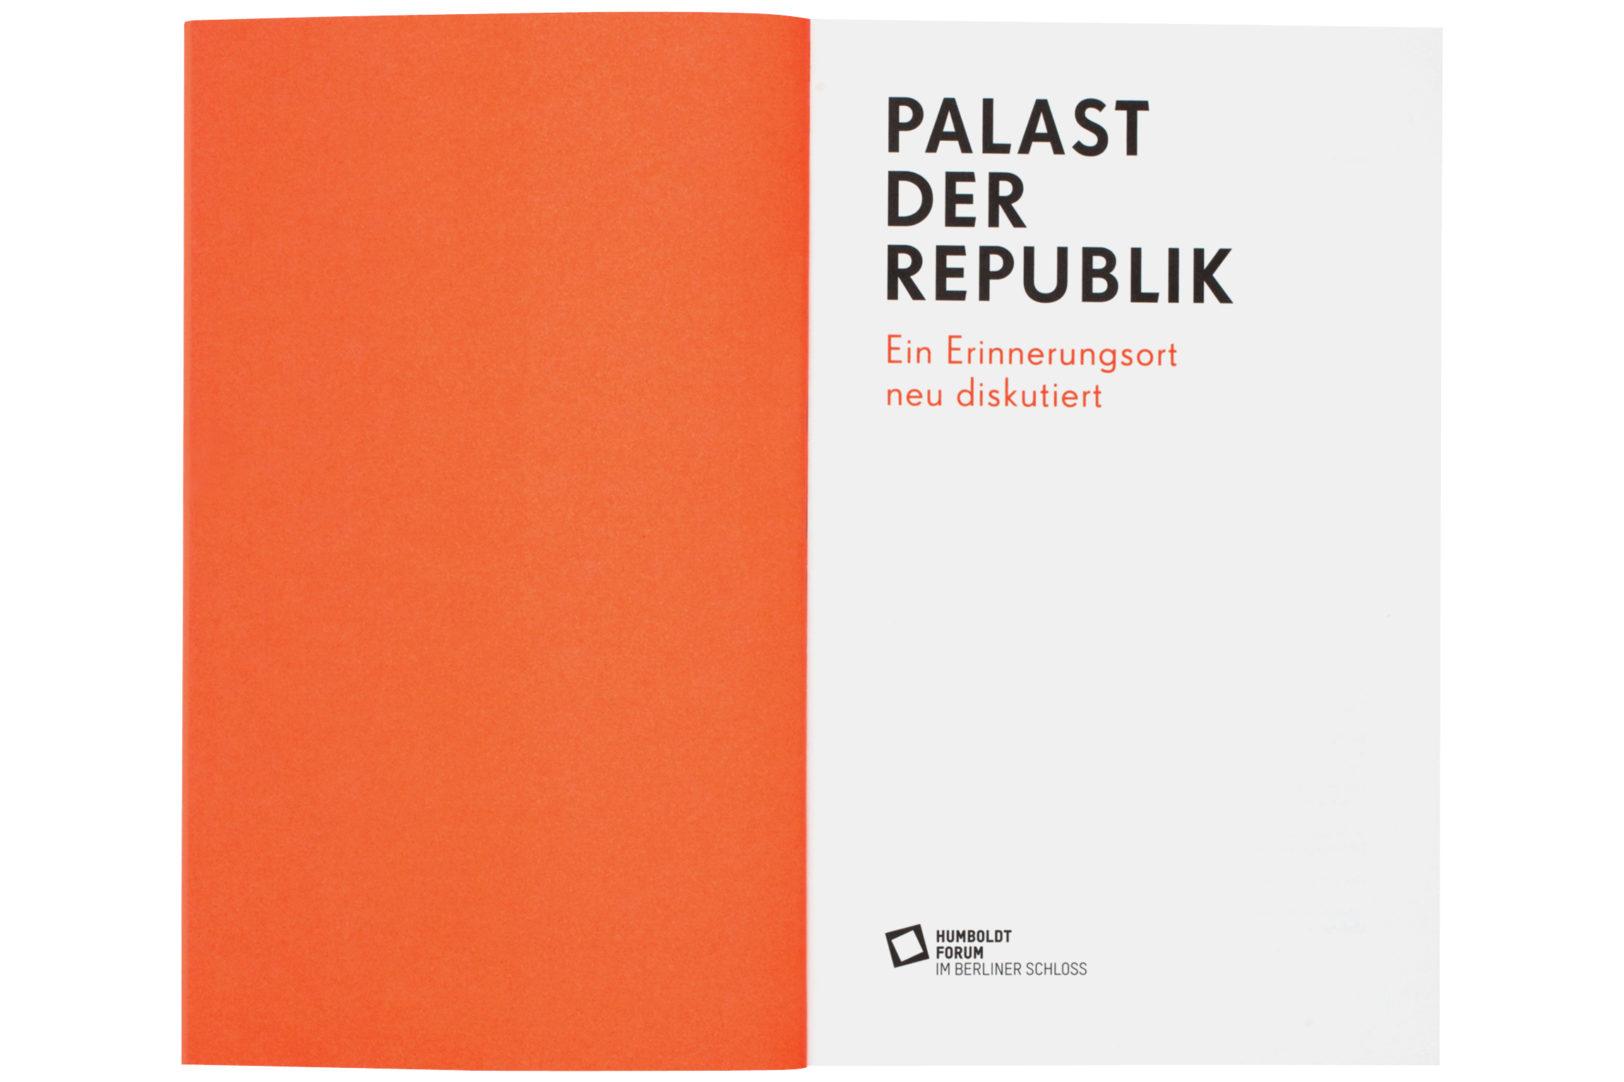 http://e-o-t.de/wordpress/wp-content/uploads/2017/04/eot-2016-PalastderRepublik-Book-2.jpg